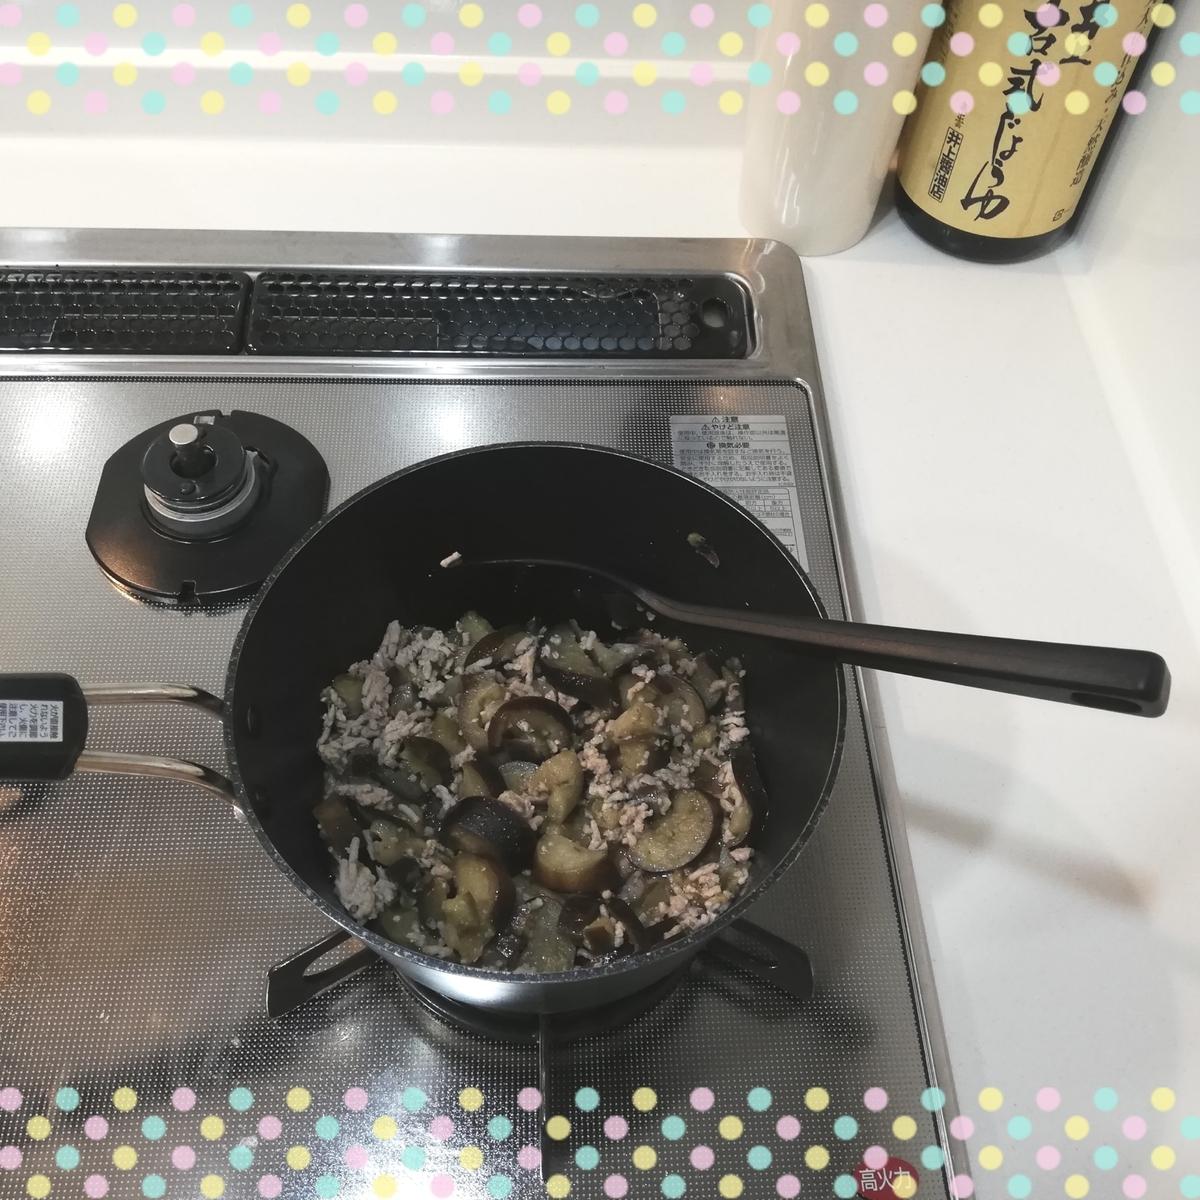 ミニマリスト主婦が買ってよかった調味料:井上古式醤油